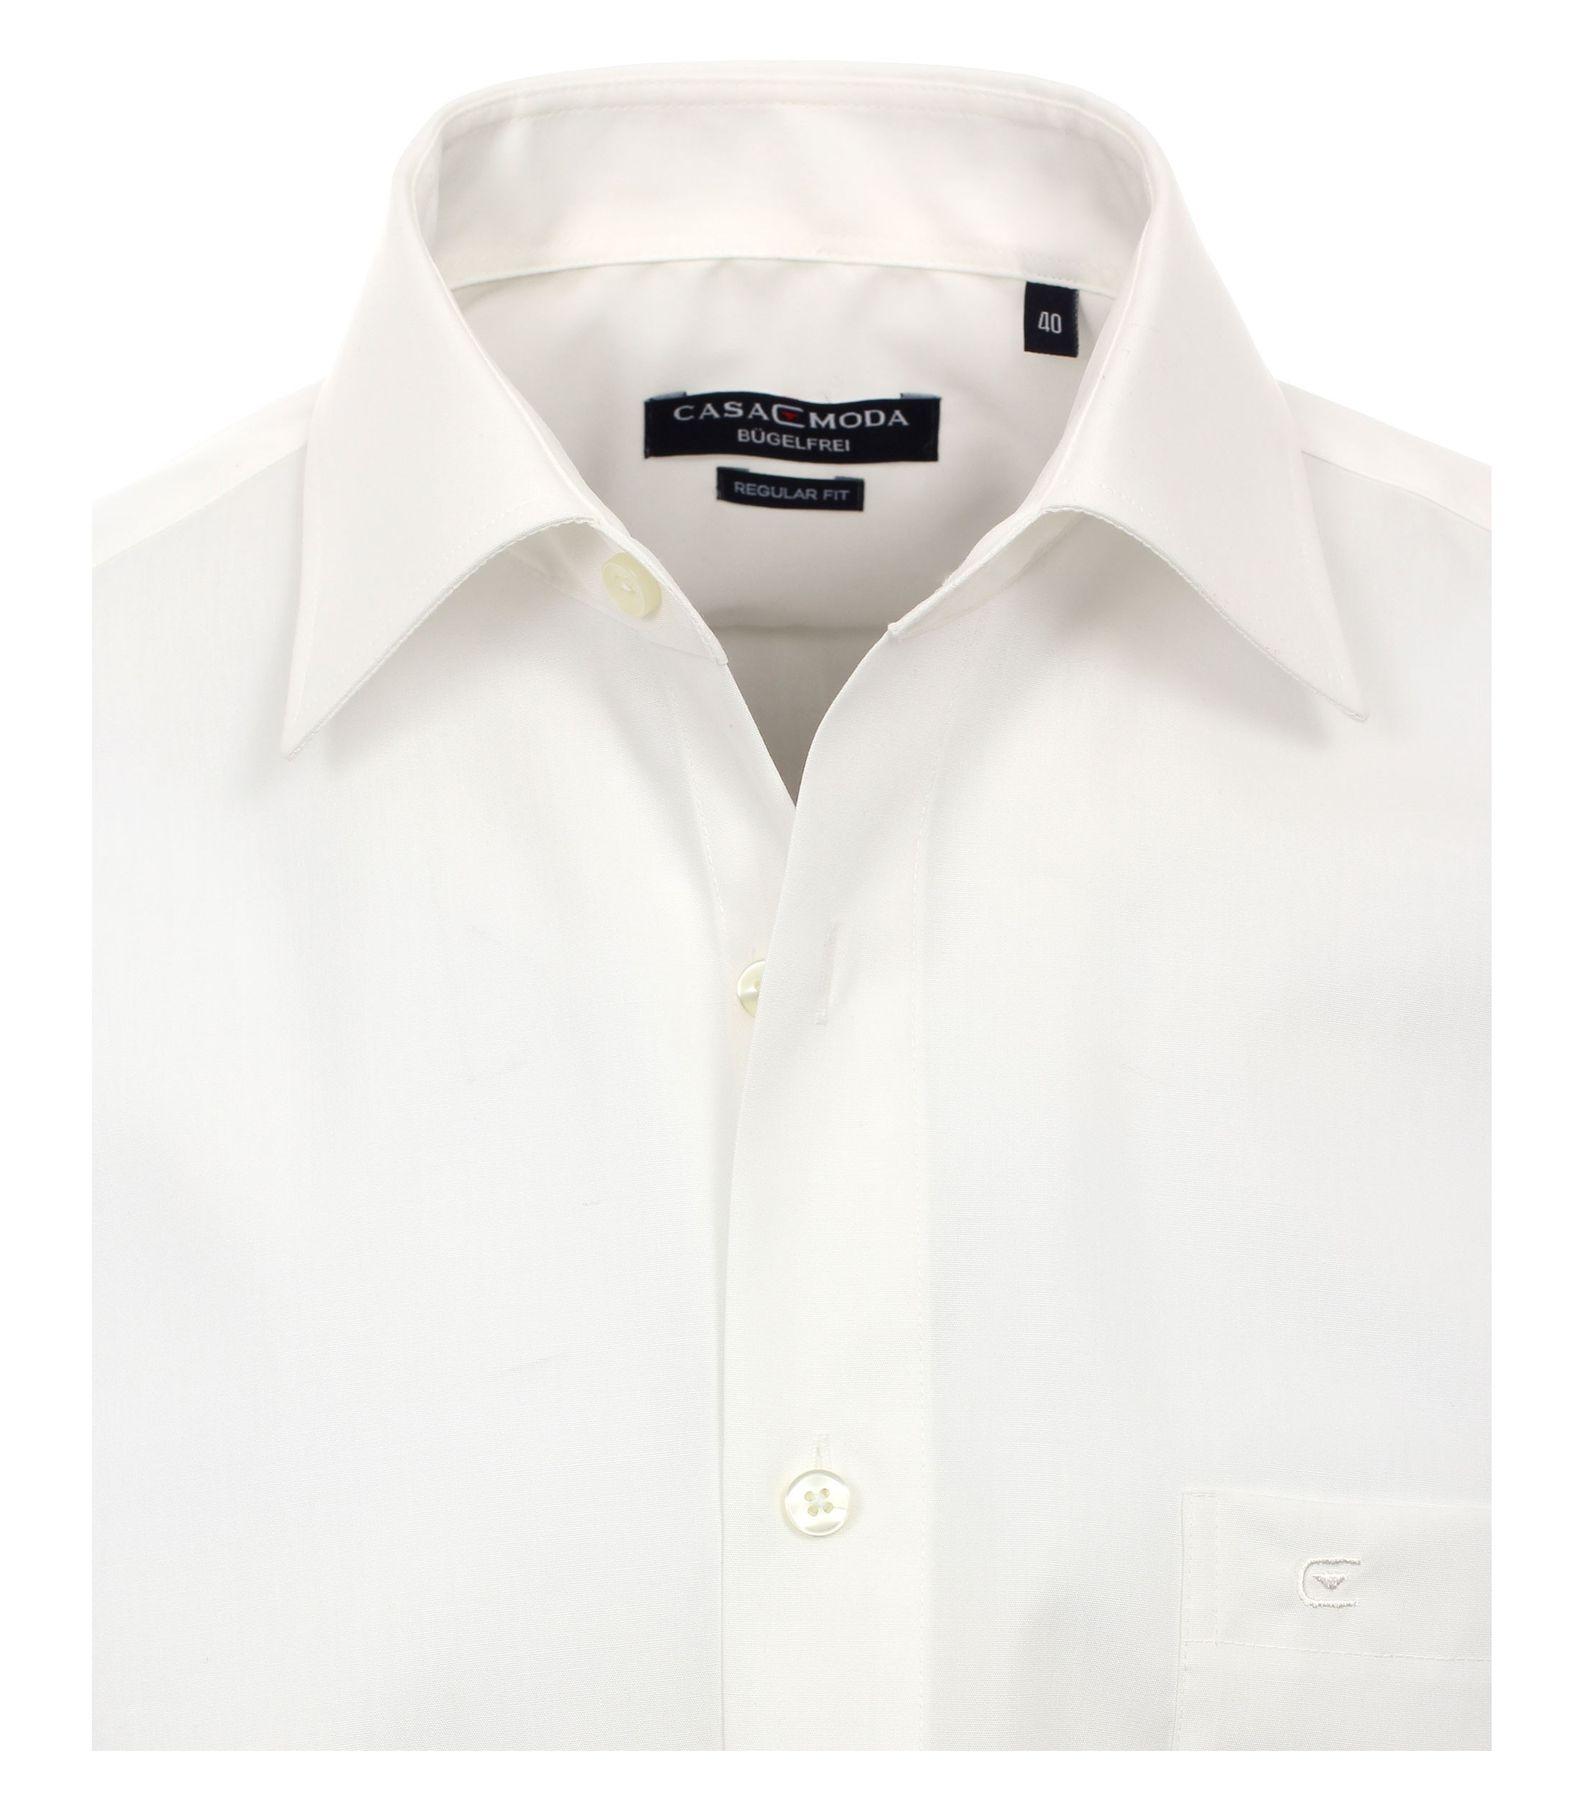 Casa Moda - Comfort Fit - Bügelfreies Herren Business langarm Hemd verschiedene Farben (006050) – Bild 18